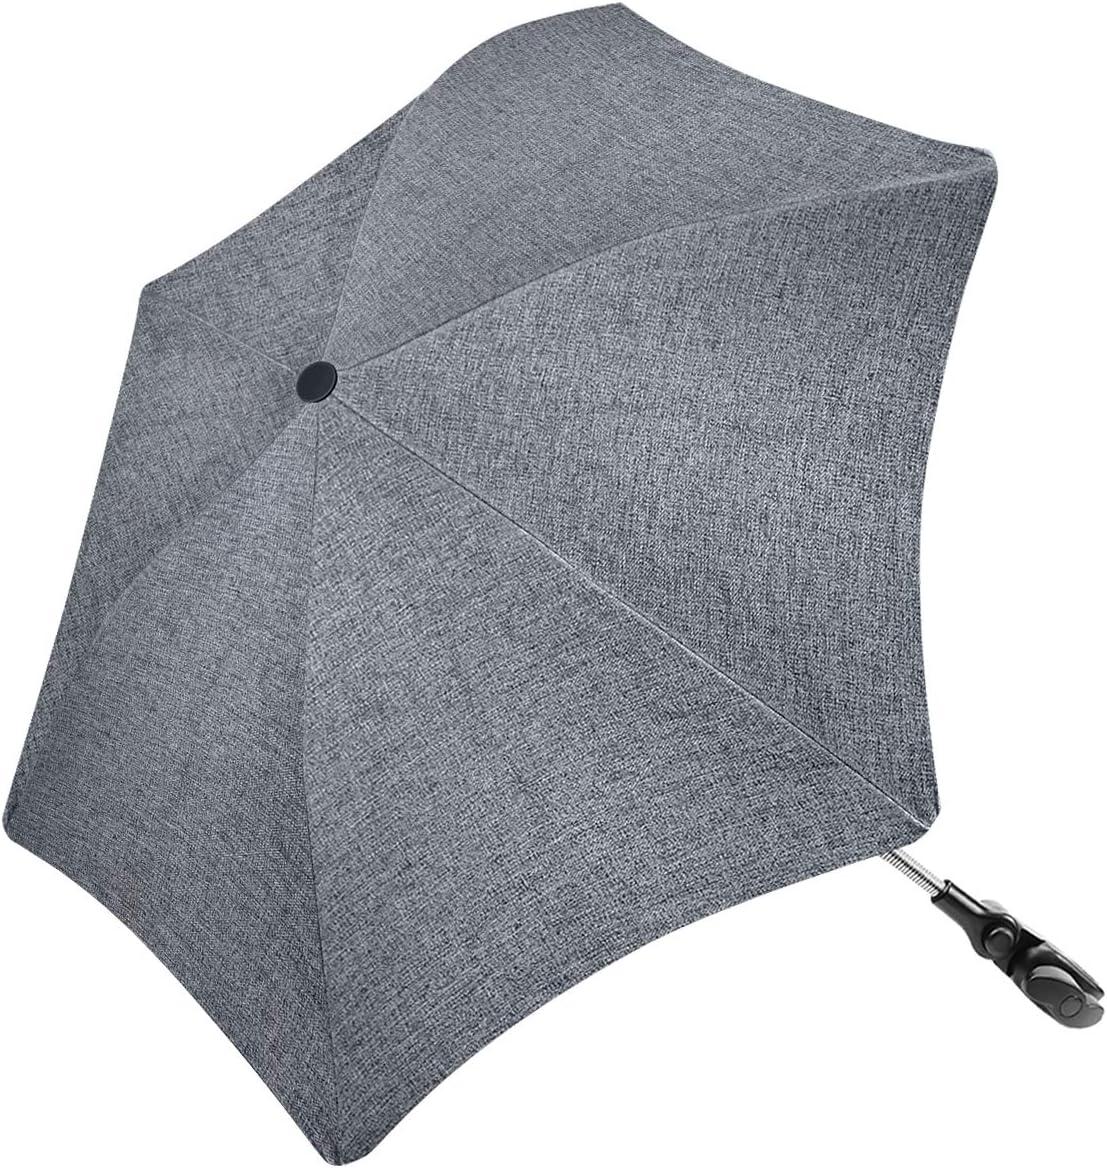 RIOGOO Ombrellone per ombrellone Forma irregolare Universale 50 passeggino UV Ombrello per protezione solare per neonati e bambini con manico a ombrello per carrozzina passeggino e passeggino